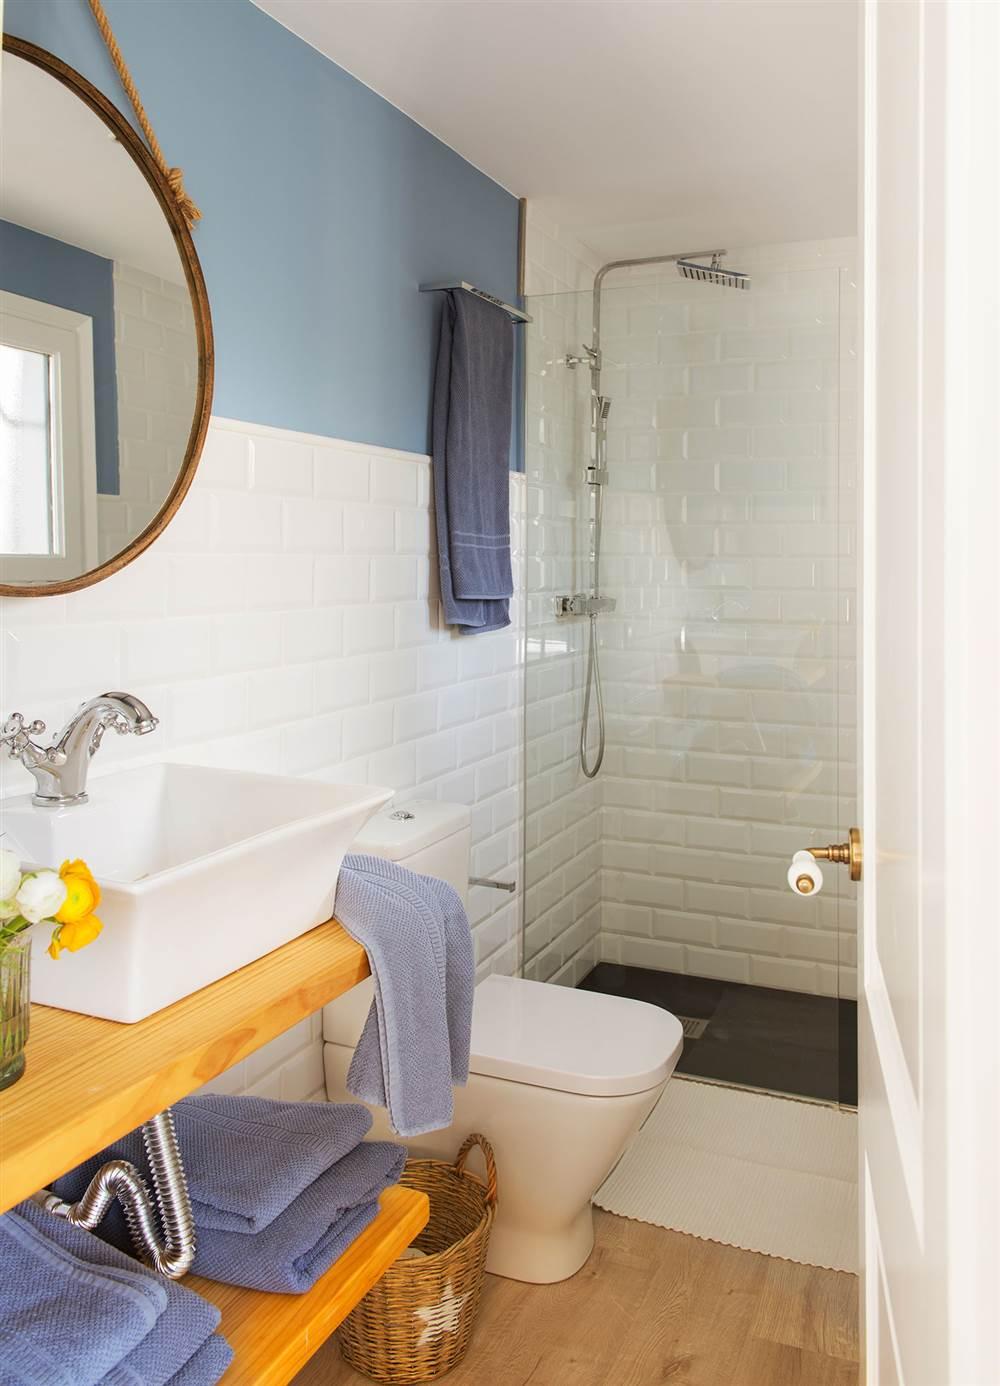 Un ba o m s luminoso 10 trucos para ganar metros y for Revestimiento de paredes para duchas